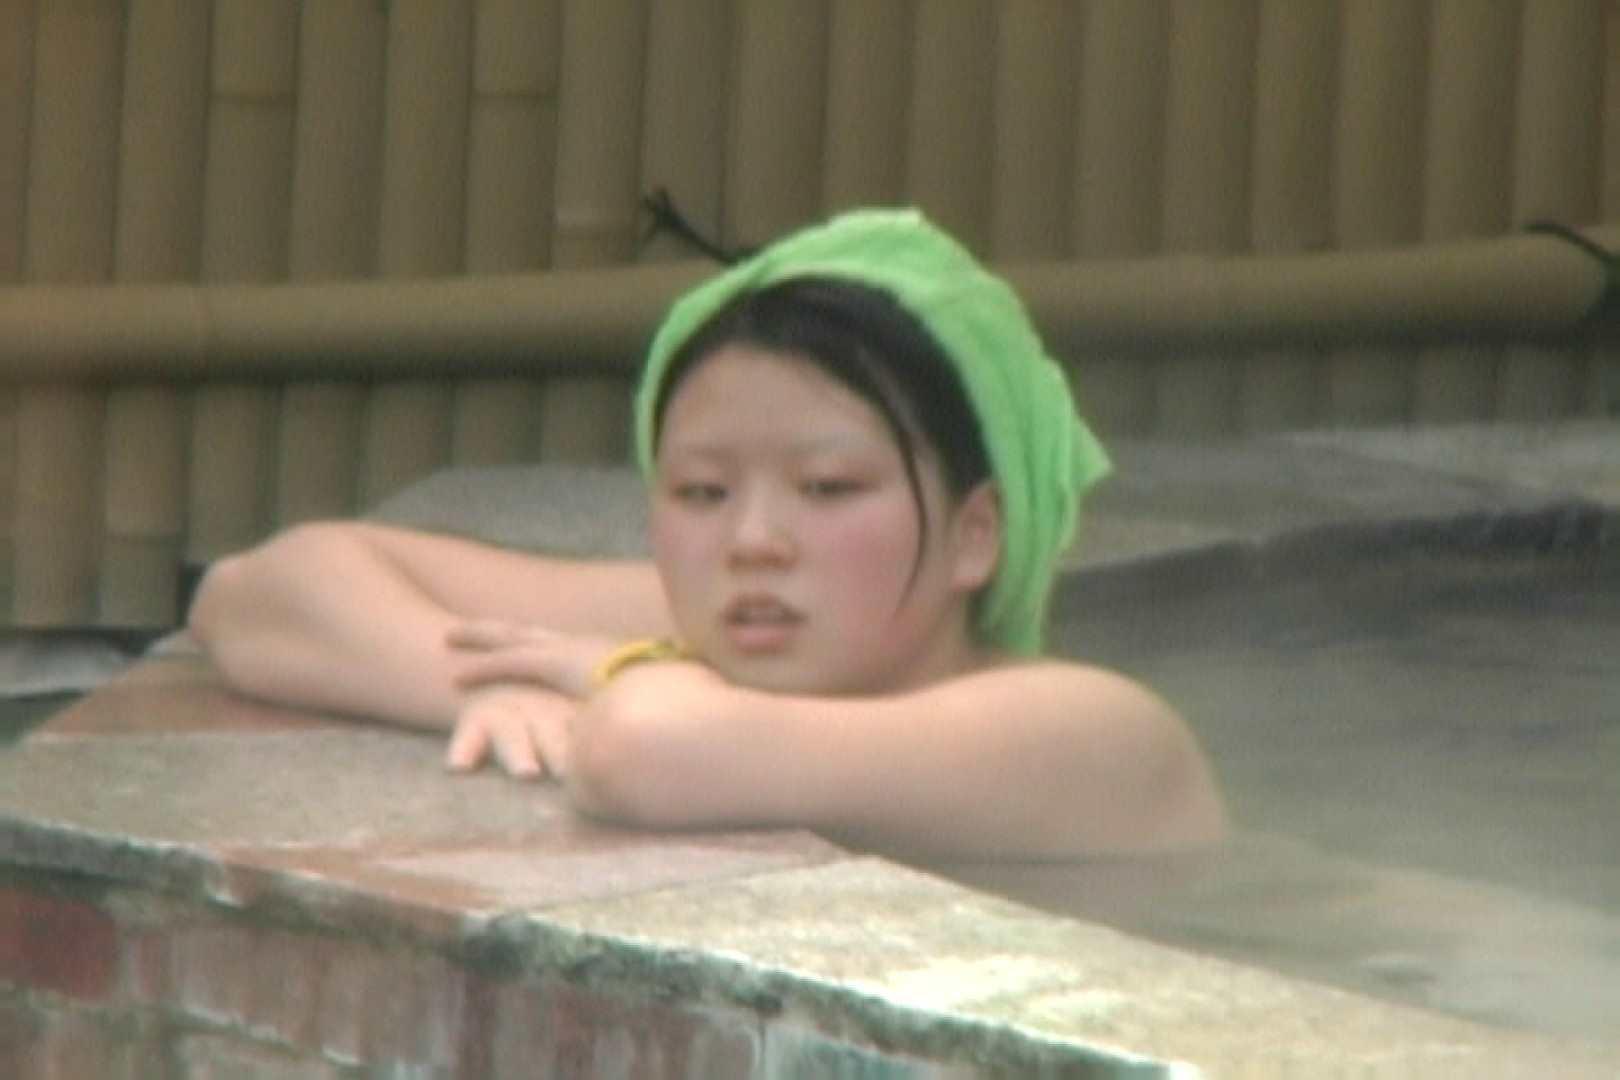 Aquaな露天風呂Vol.563 盗撮  92画像 24